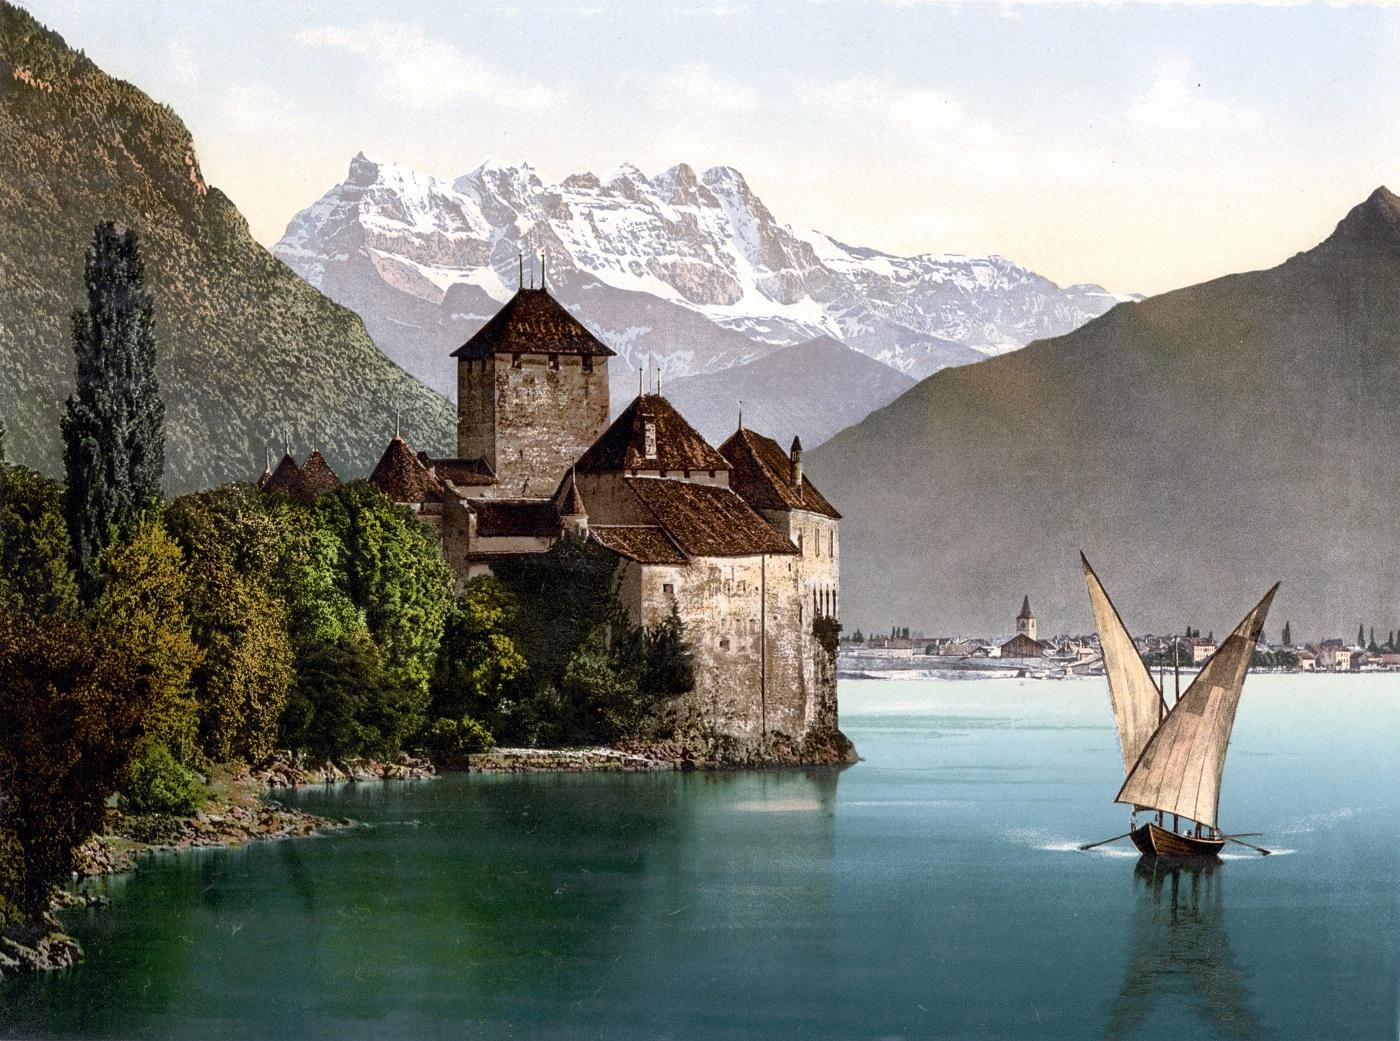 Mulţi turişti optează pentru plimbări cu barca pentru a vedea o altă ipostatză a castelului